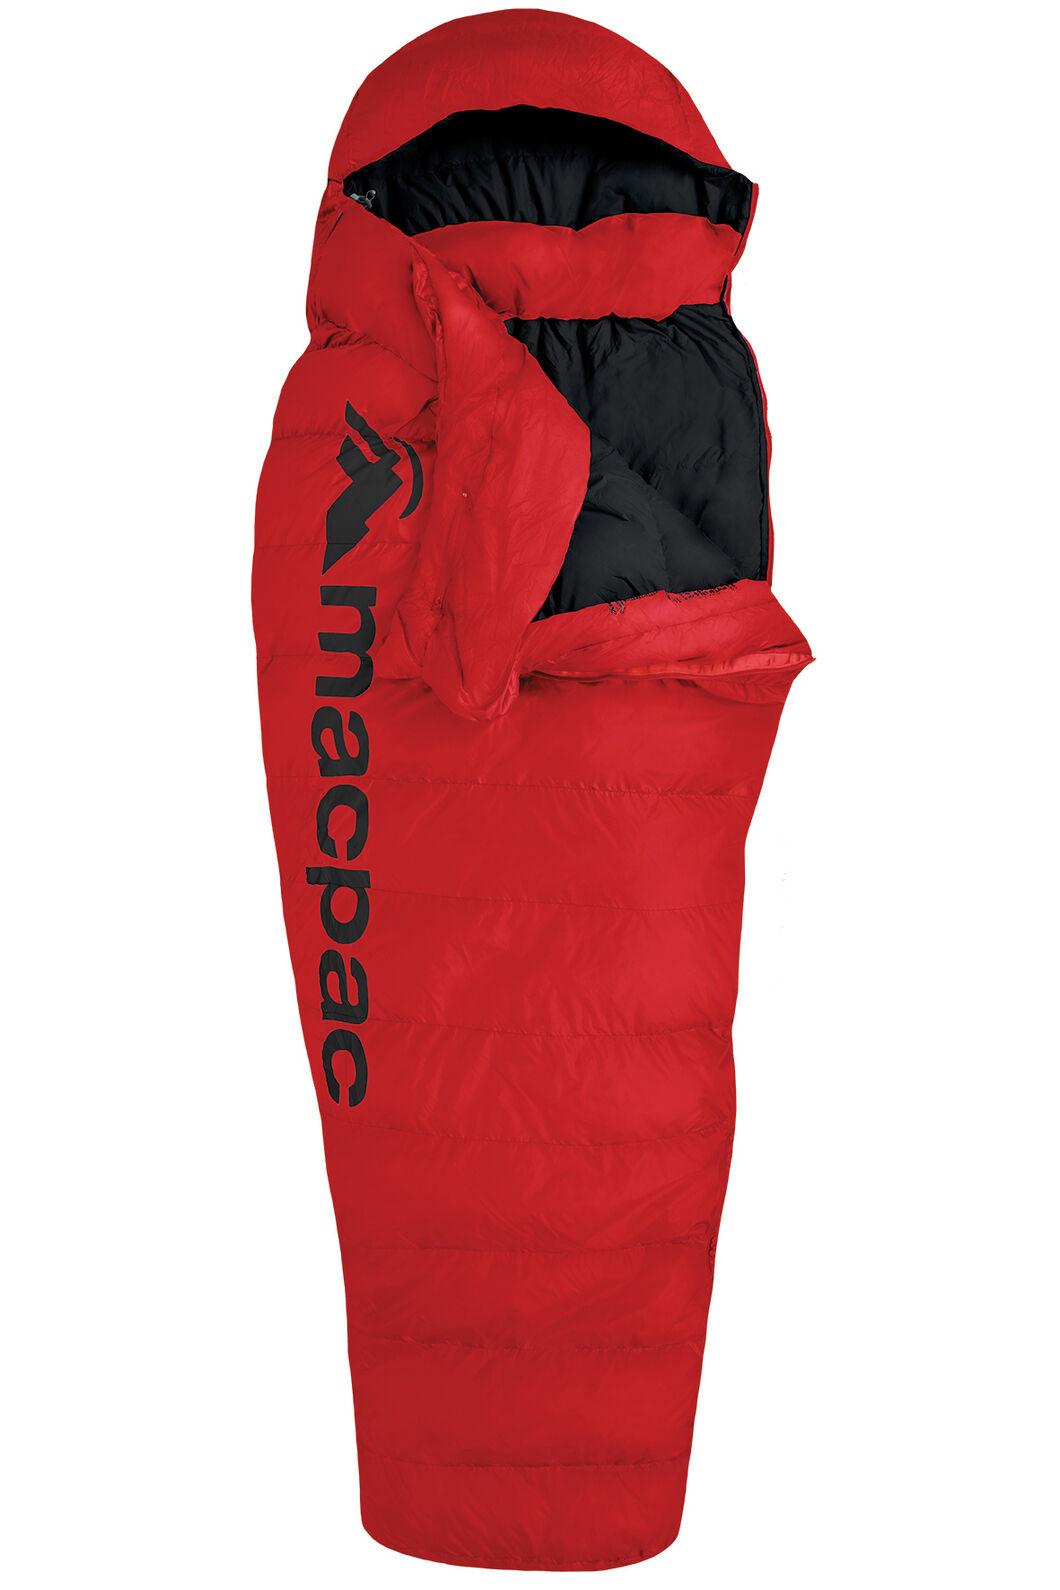 Overland Down 400 Sleeping Bag - Standard, Flame Scarlet, hi-res